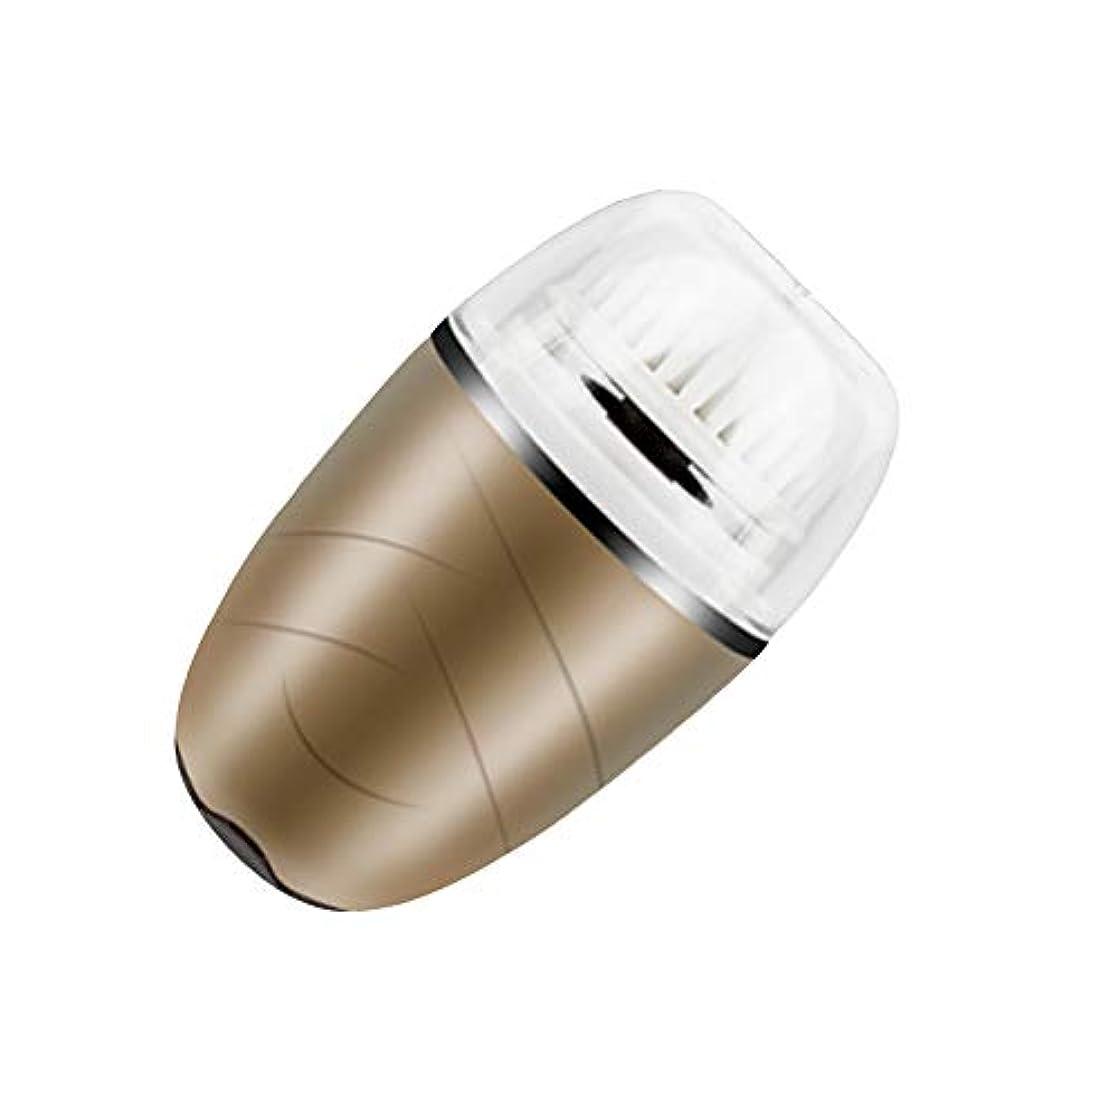 東ティモールおしゃれじゃないありそう洗顔ブラシ、電動ソニックフェイスブラシ振動顔クレンジングシステム防水ブラシにきびエクスフォリエーター USB 充電式,Gold